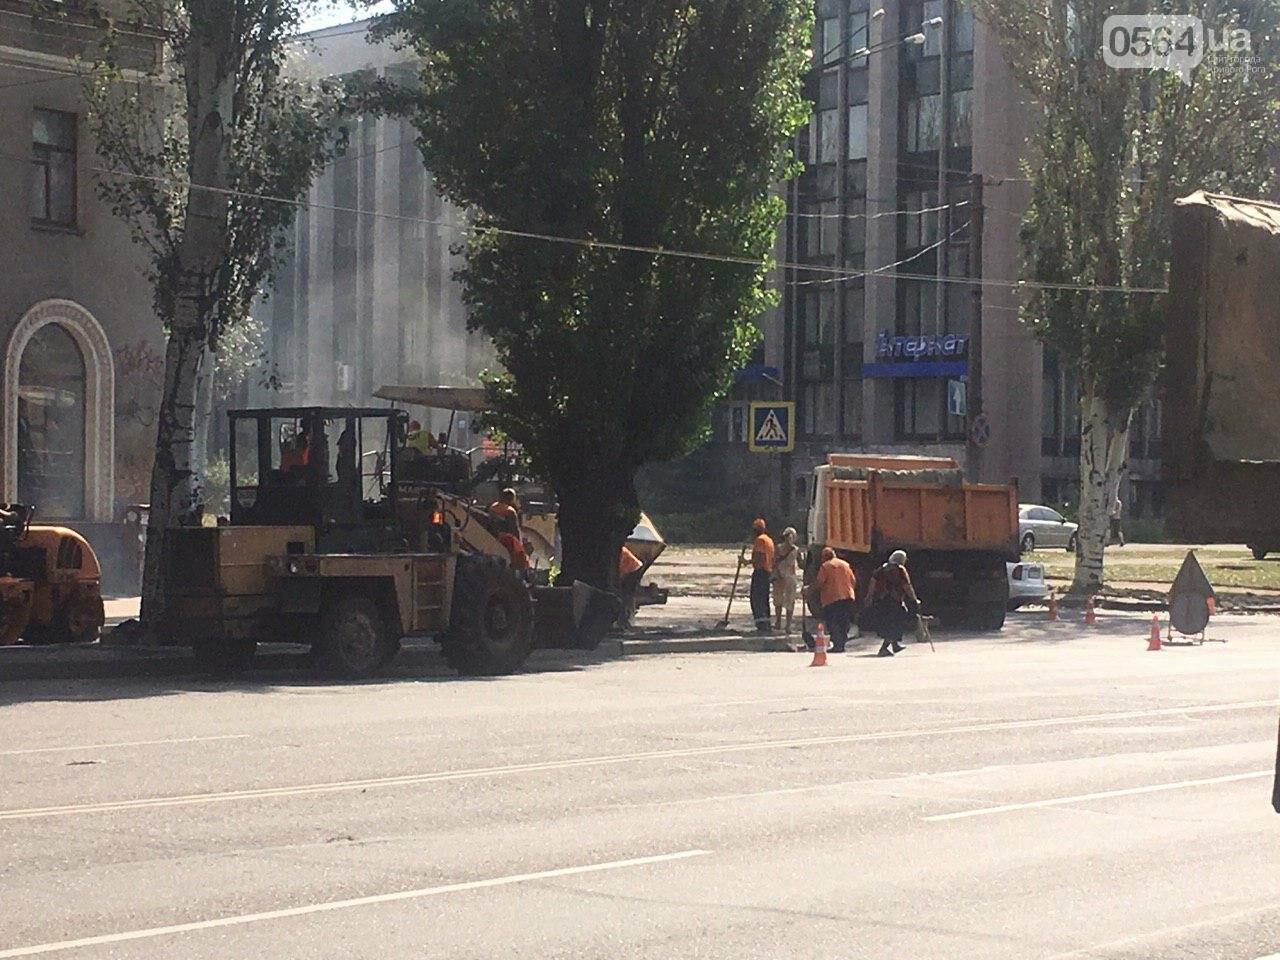 В Кривом Роге ремонтируют пешеходную дорожку к горисполкому, - ФОТО , фото-51